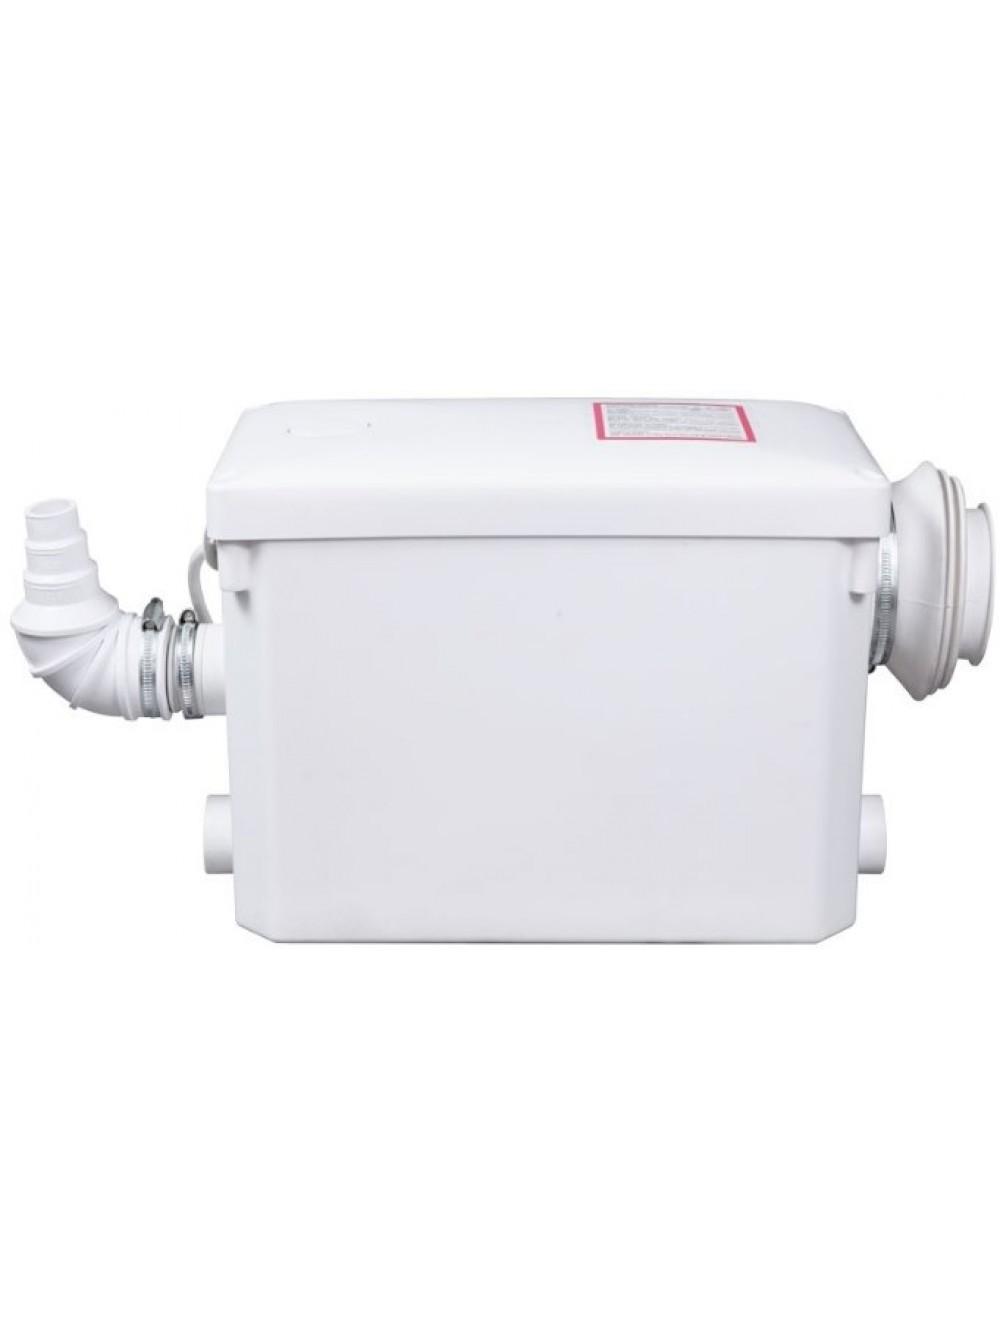 Канализационная установка Sprut Wclift 400/3 цена